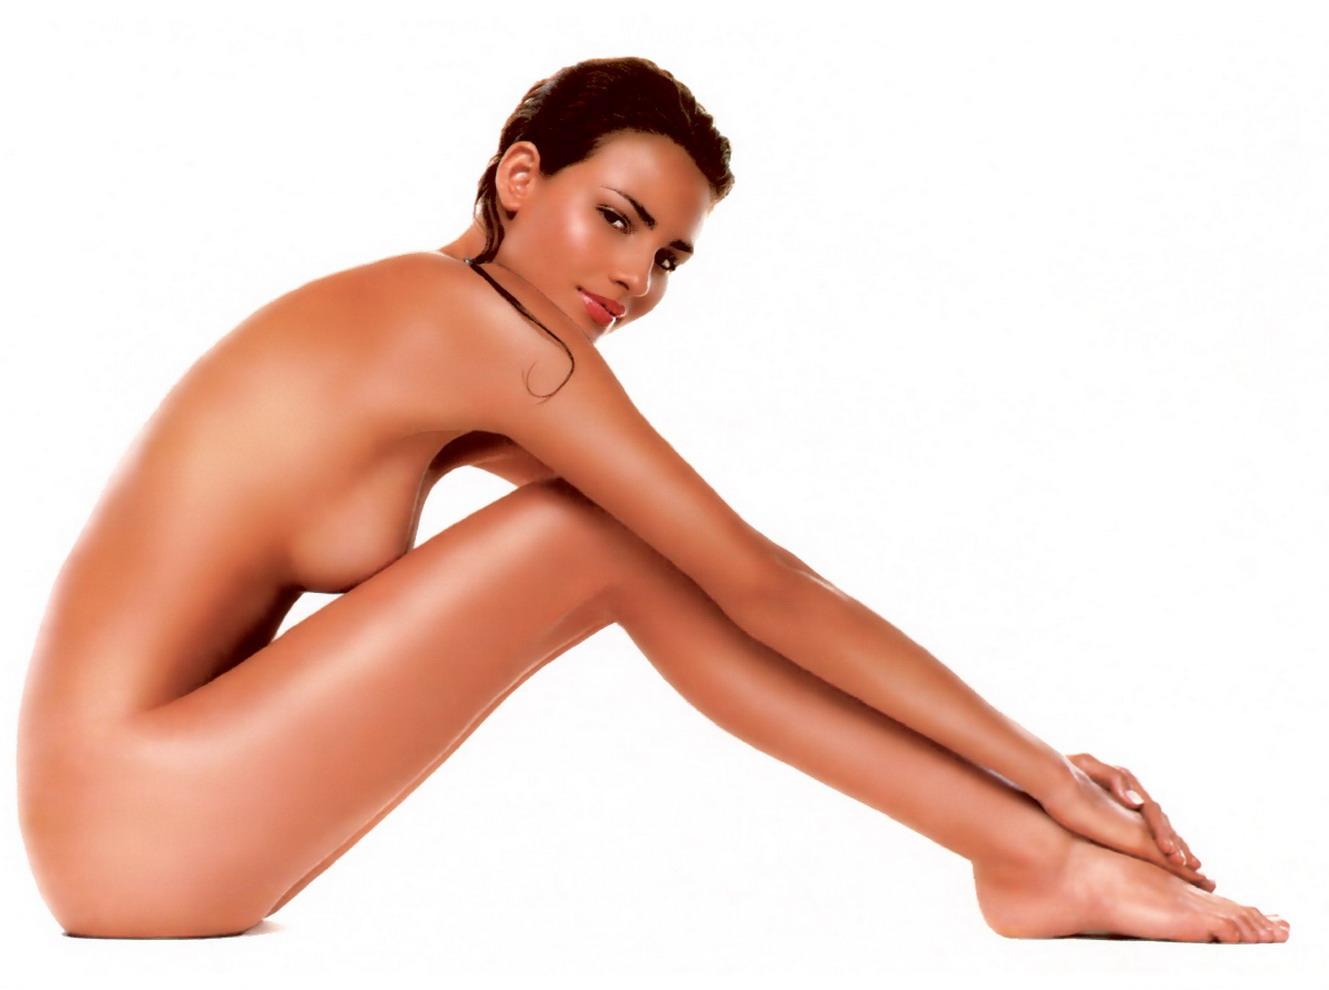 Фернанда лима бразильская модель голая 10 фотография